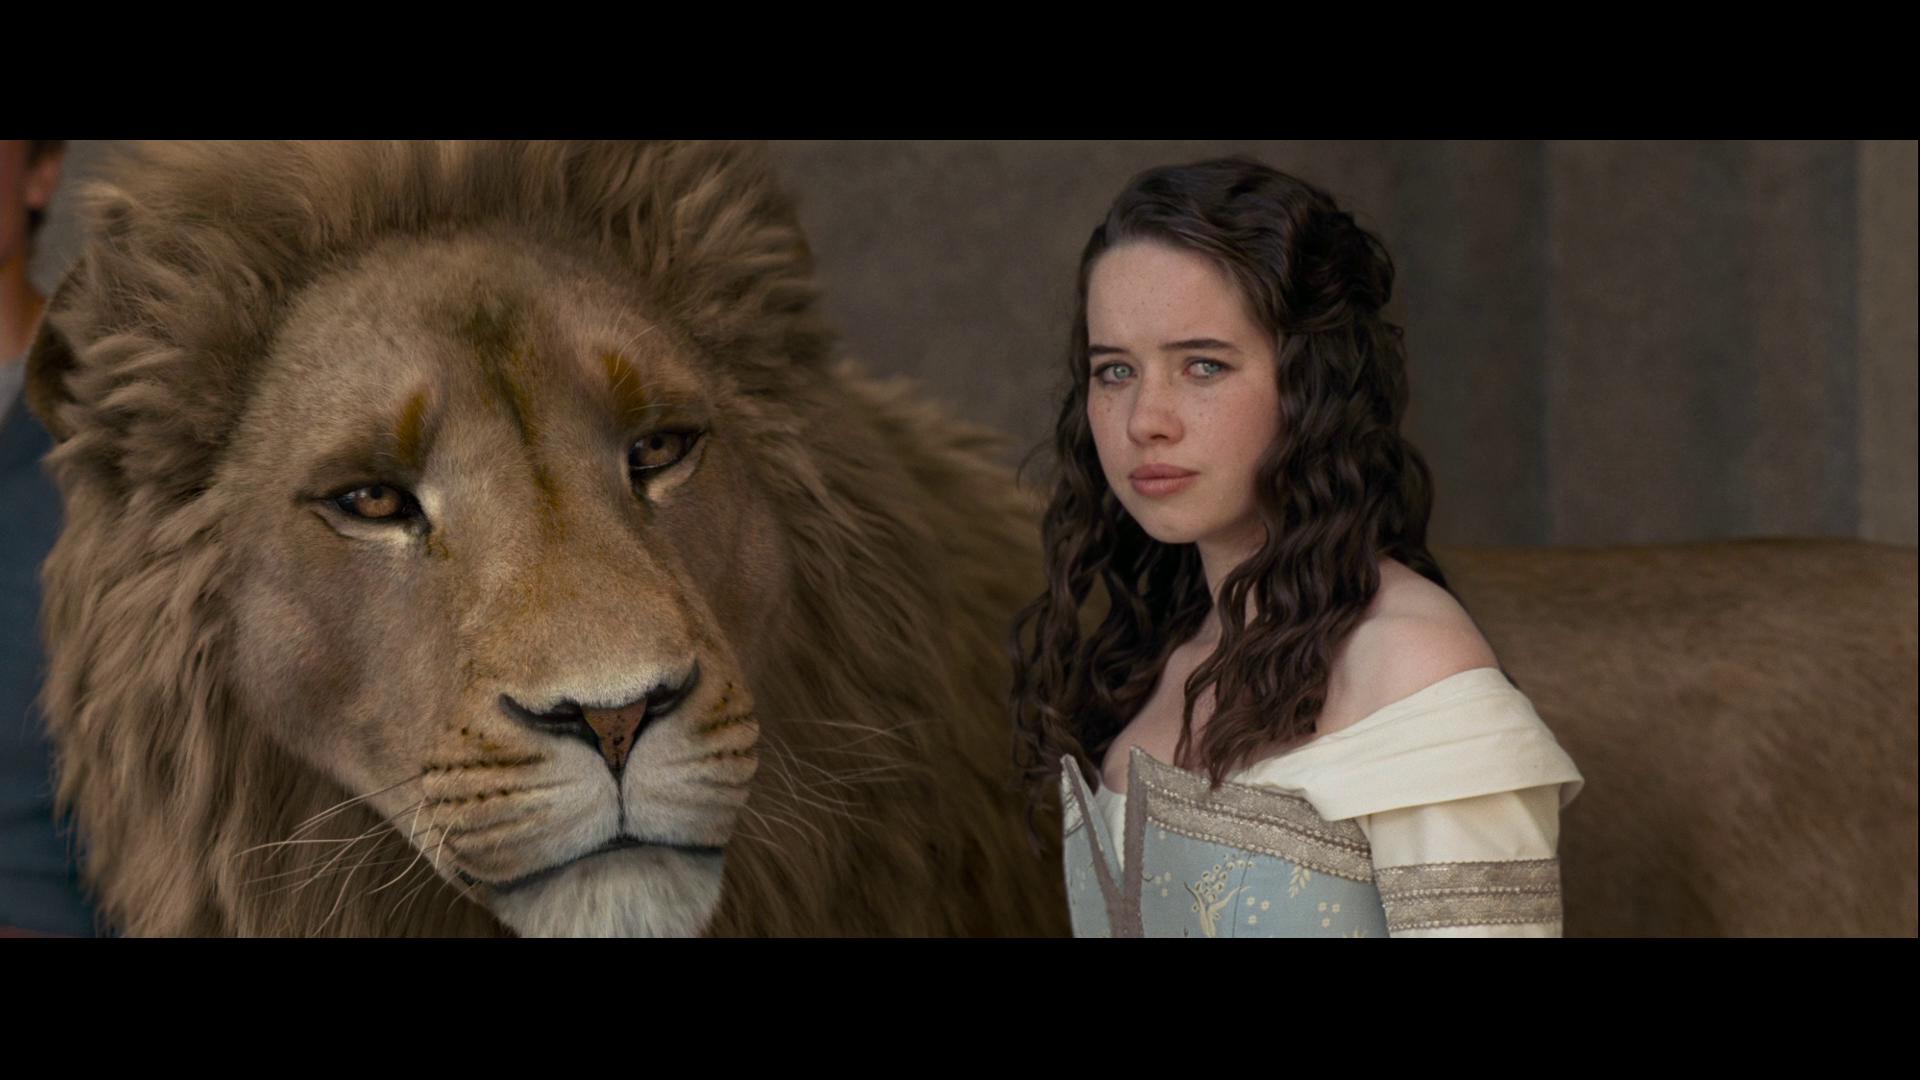 Las crónicas de Narnia: El príncipe Caspian (2008) 1080p BDrip Latino